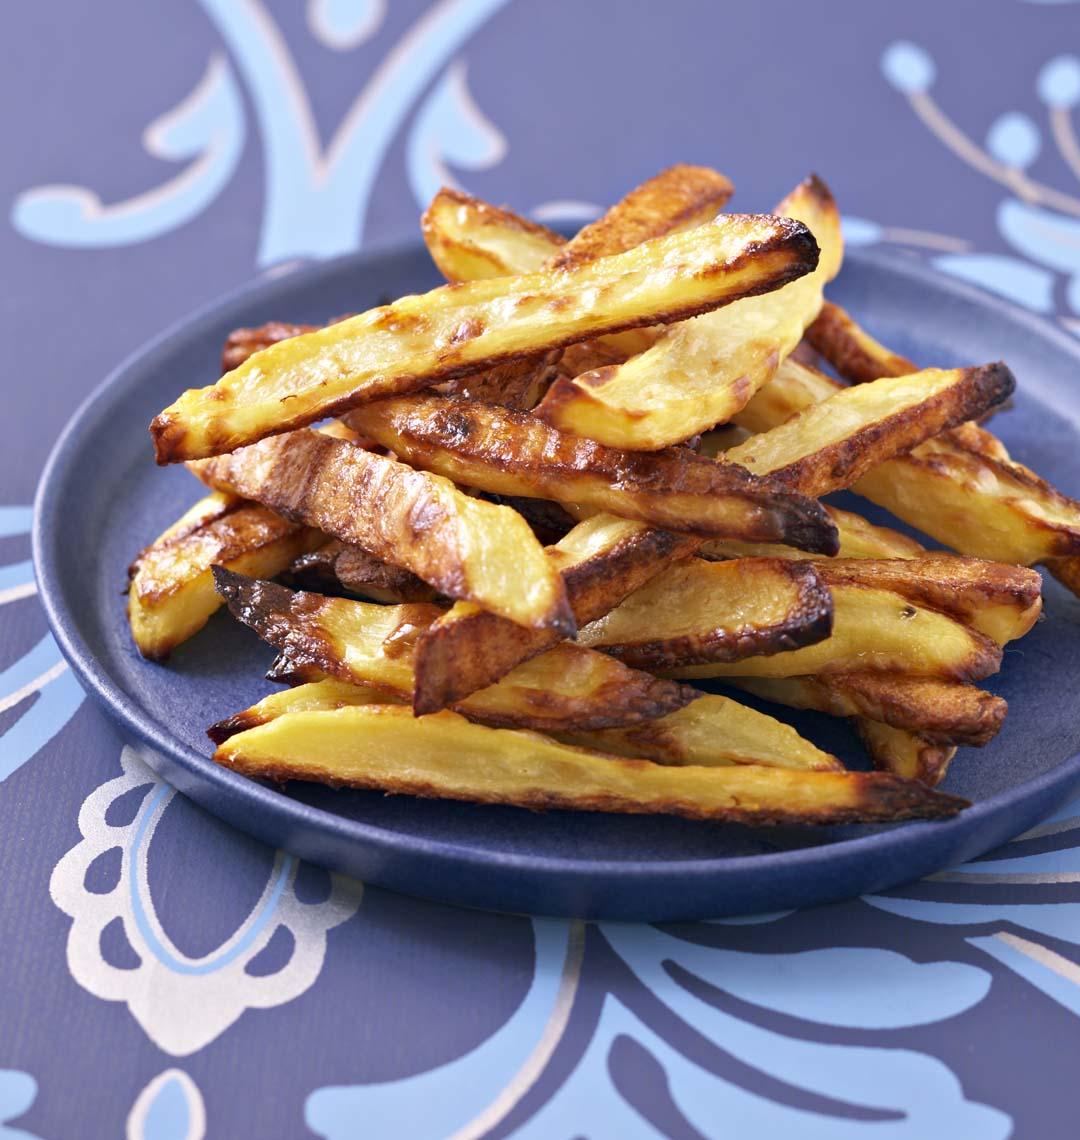 Comment faire des frites avec une friteuse - Comment degraisser une friteuse ...